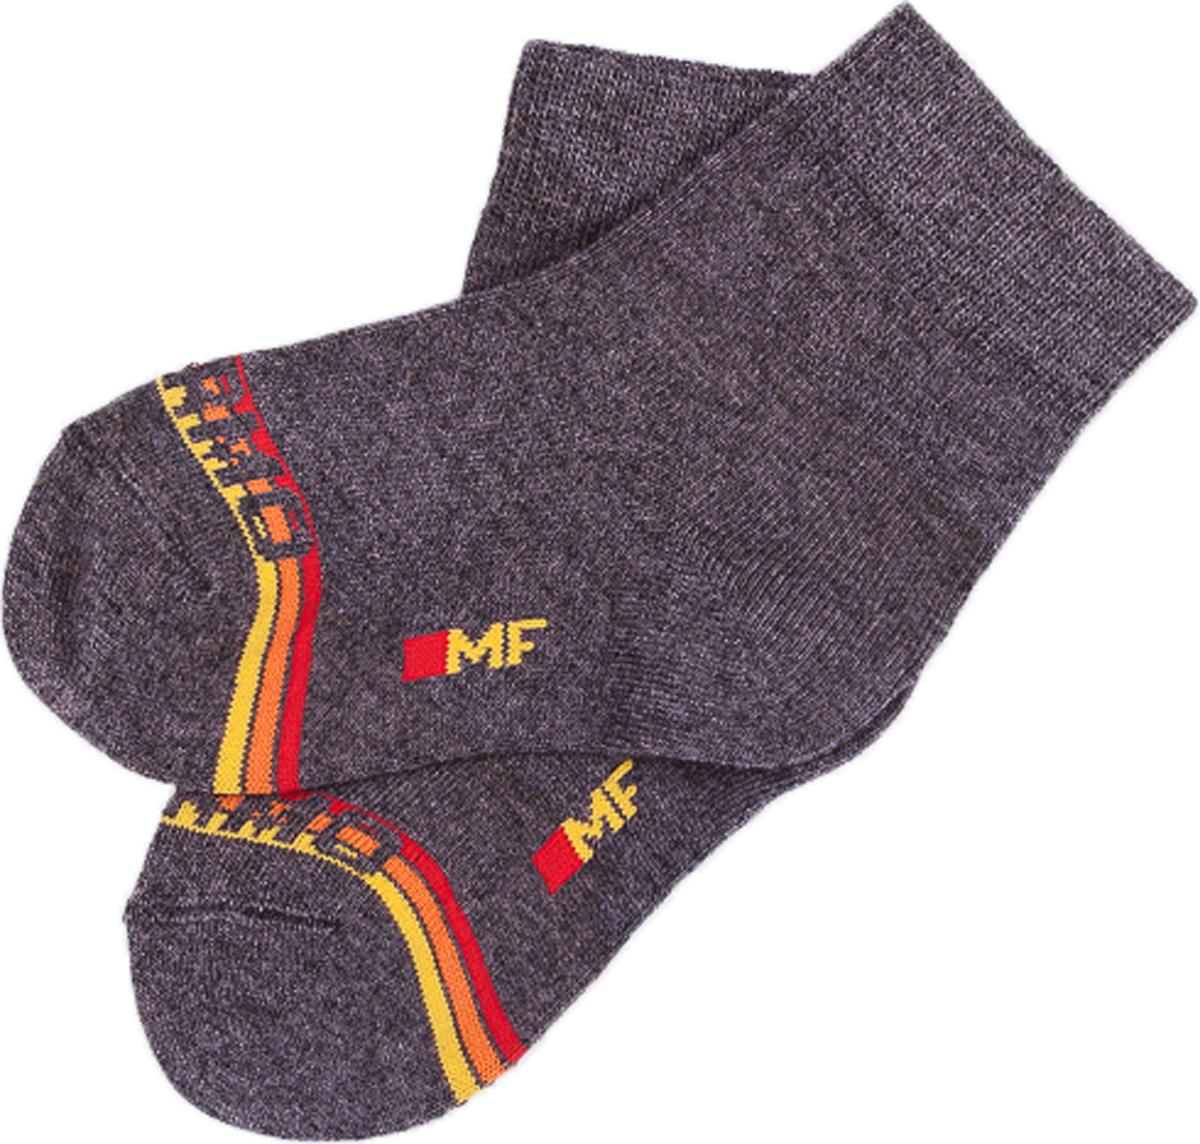 Носки для мальчиков Mark Formelle, цвет: темно-серый. 503T-036_5666. Размер 28/30503T-036_5666